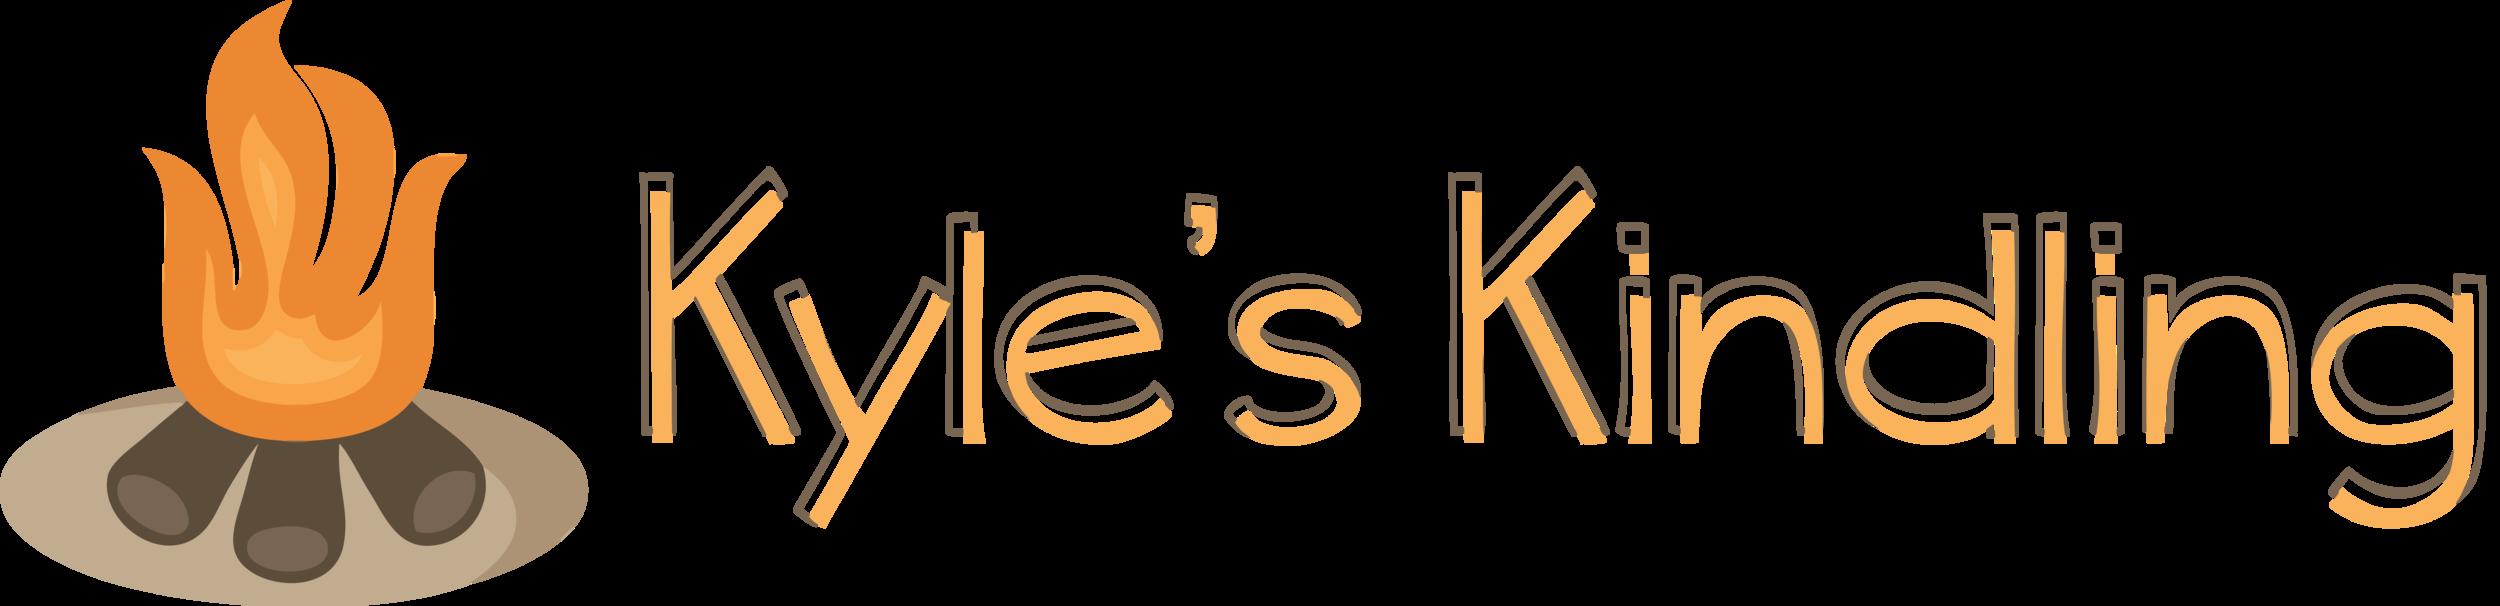 Kyles_Kindling_Logo_Horizontal.png